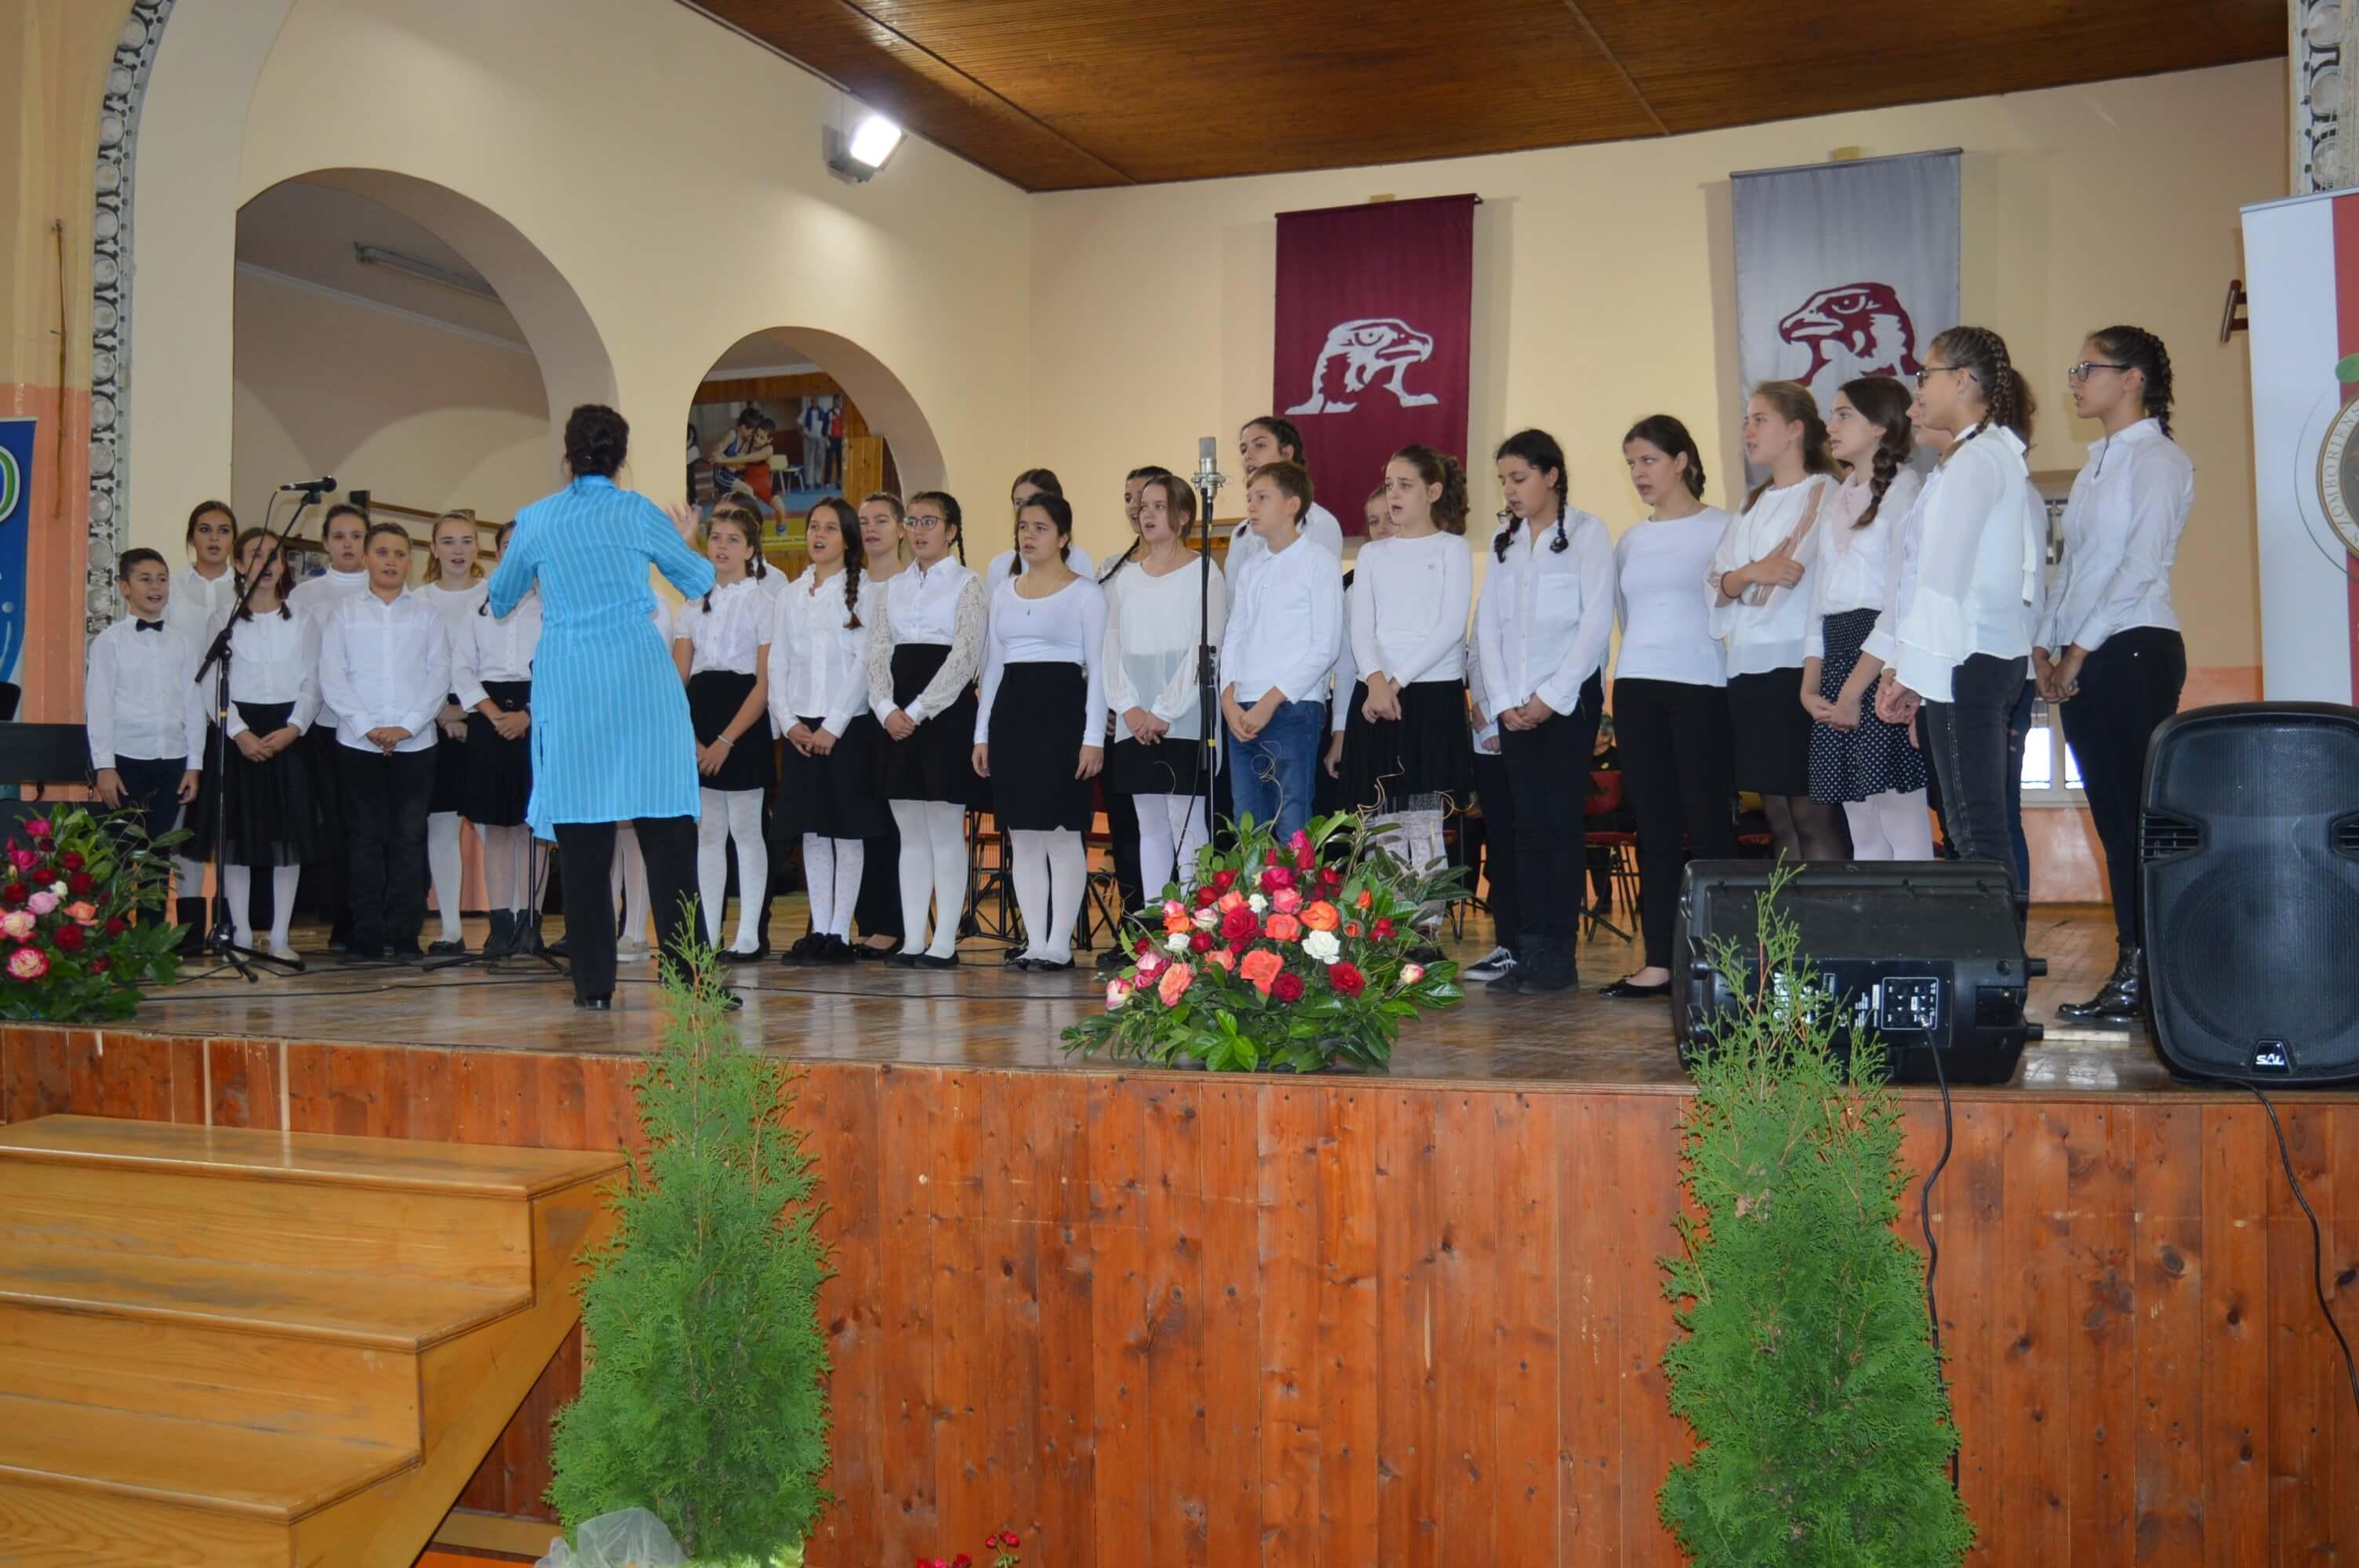 """Ученици музичке шкеле """"Петар Коњевић"""" из Сомбора"""